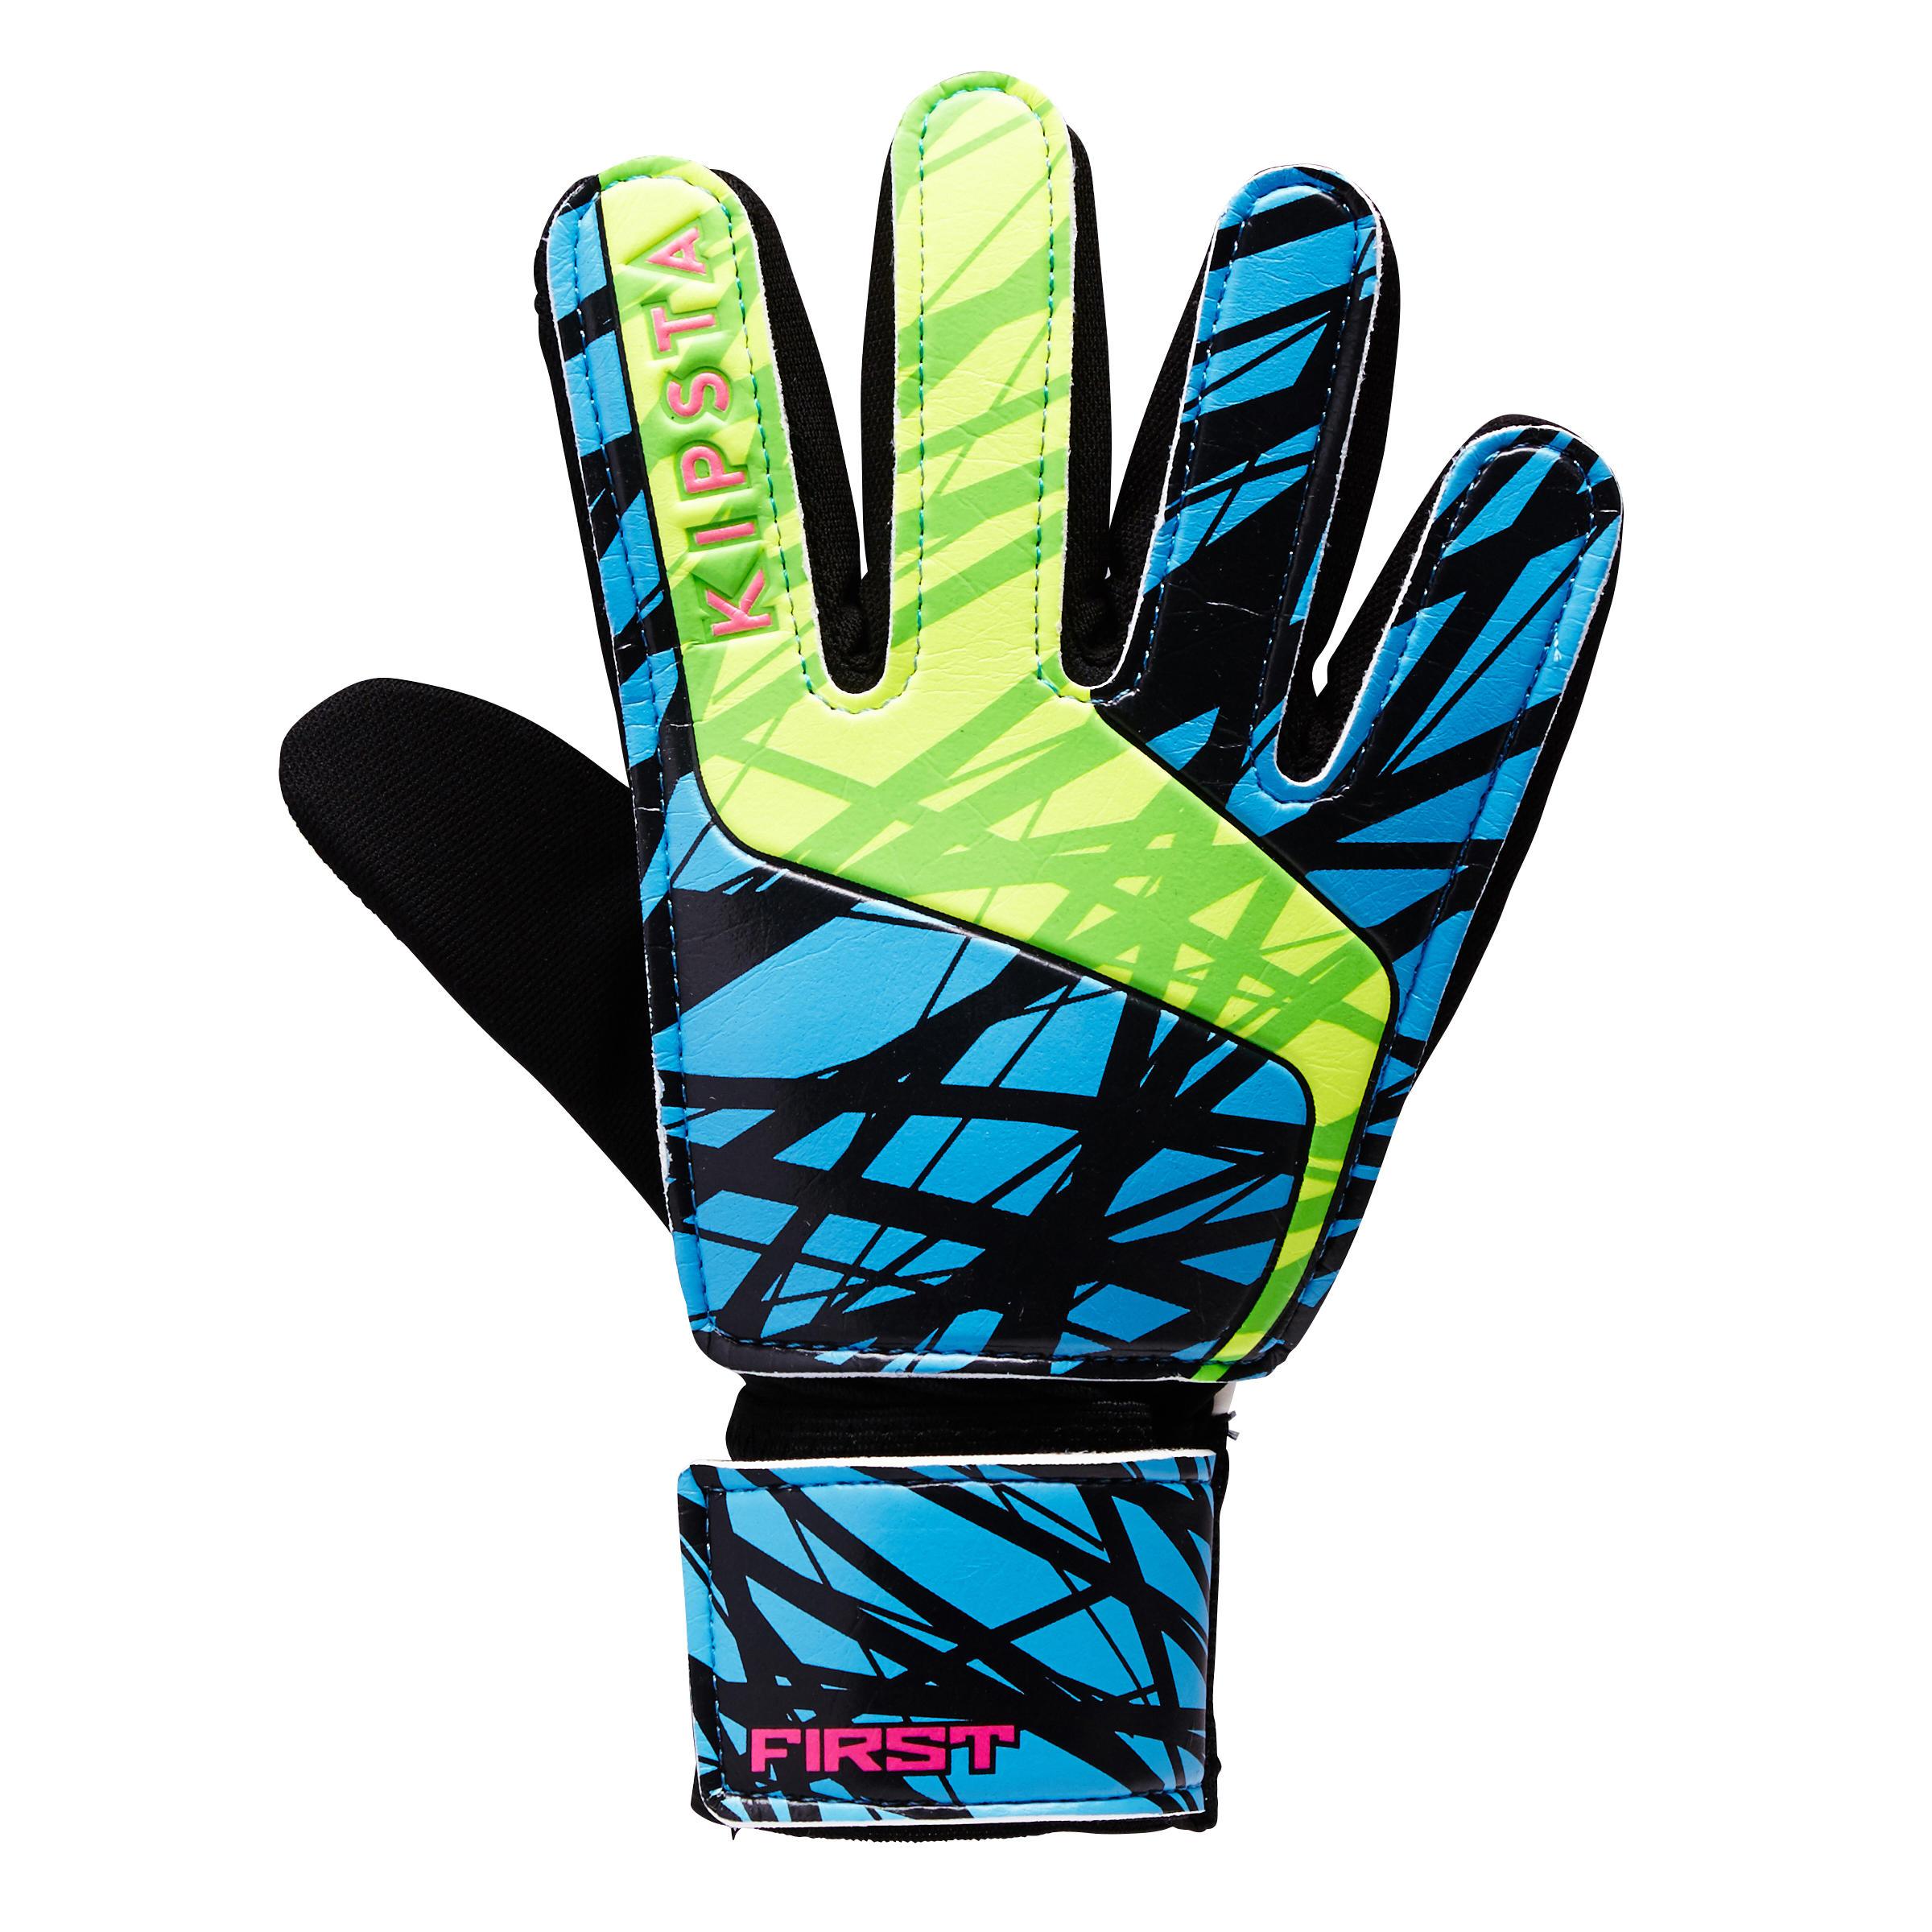 Keepershandschoenen First voor kinderen blauw-roze-geel-groen